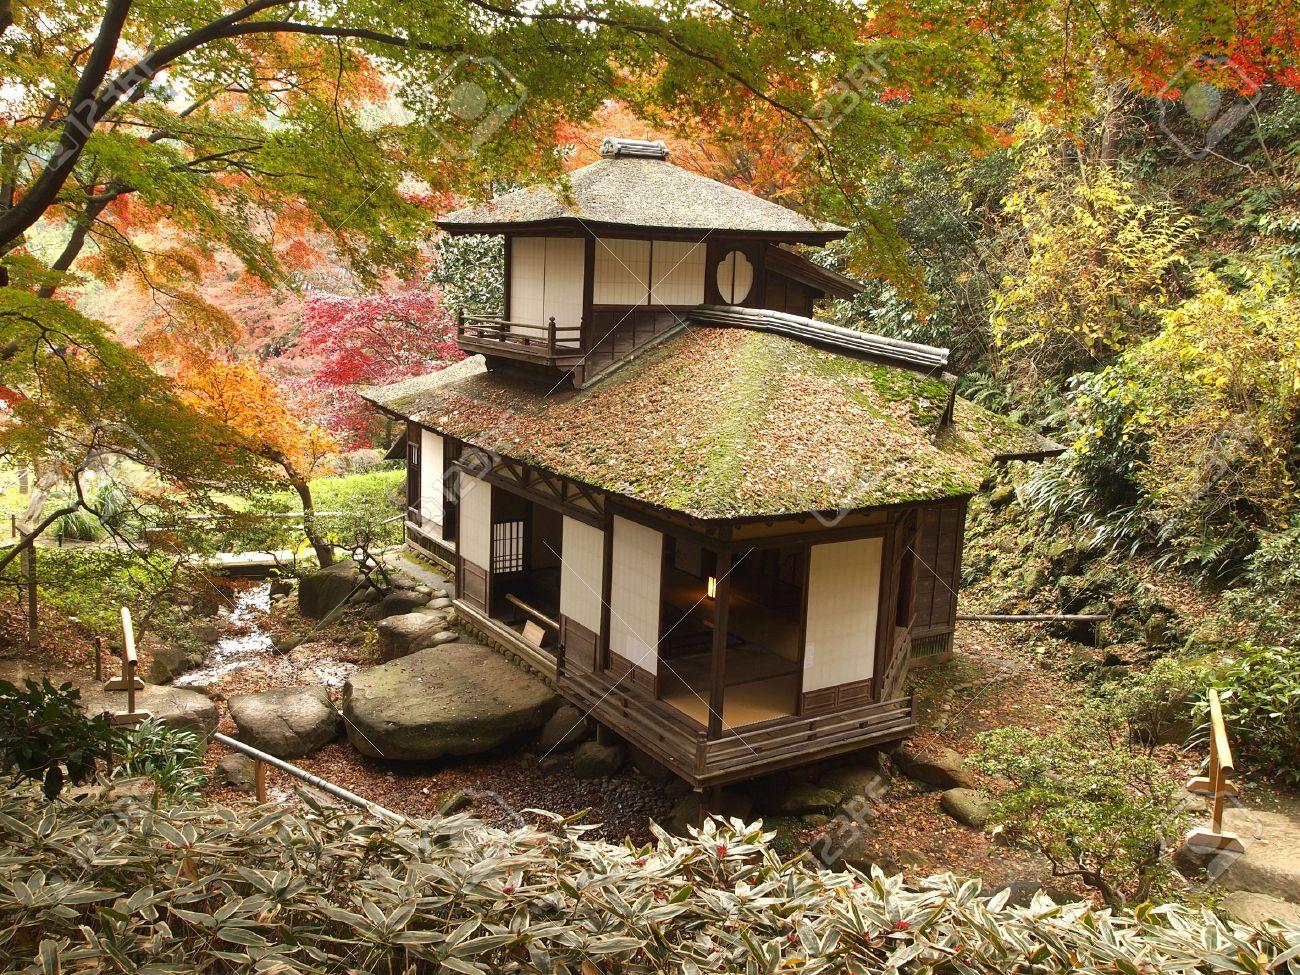 choshukaku, dem japanischen stil haus in sankeien garten, yokohama ... - Haus Japan